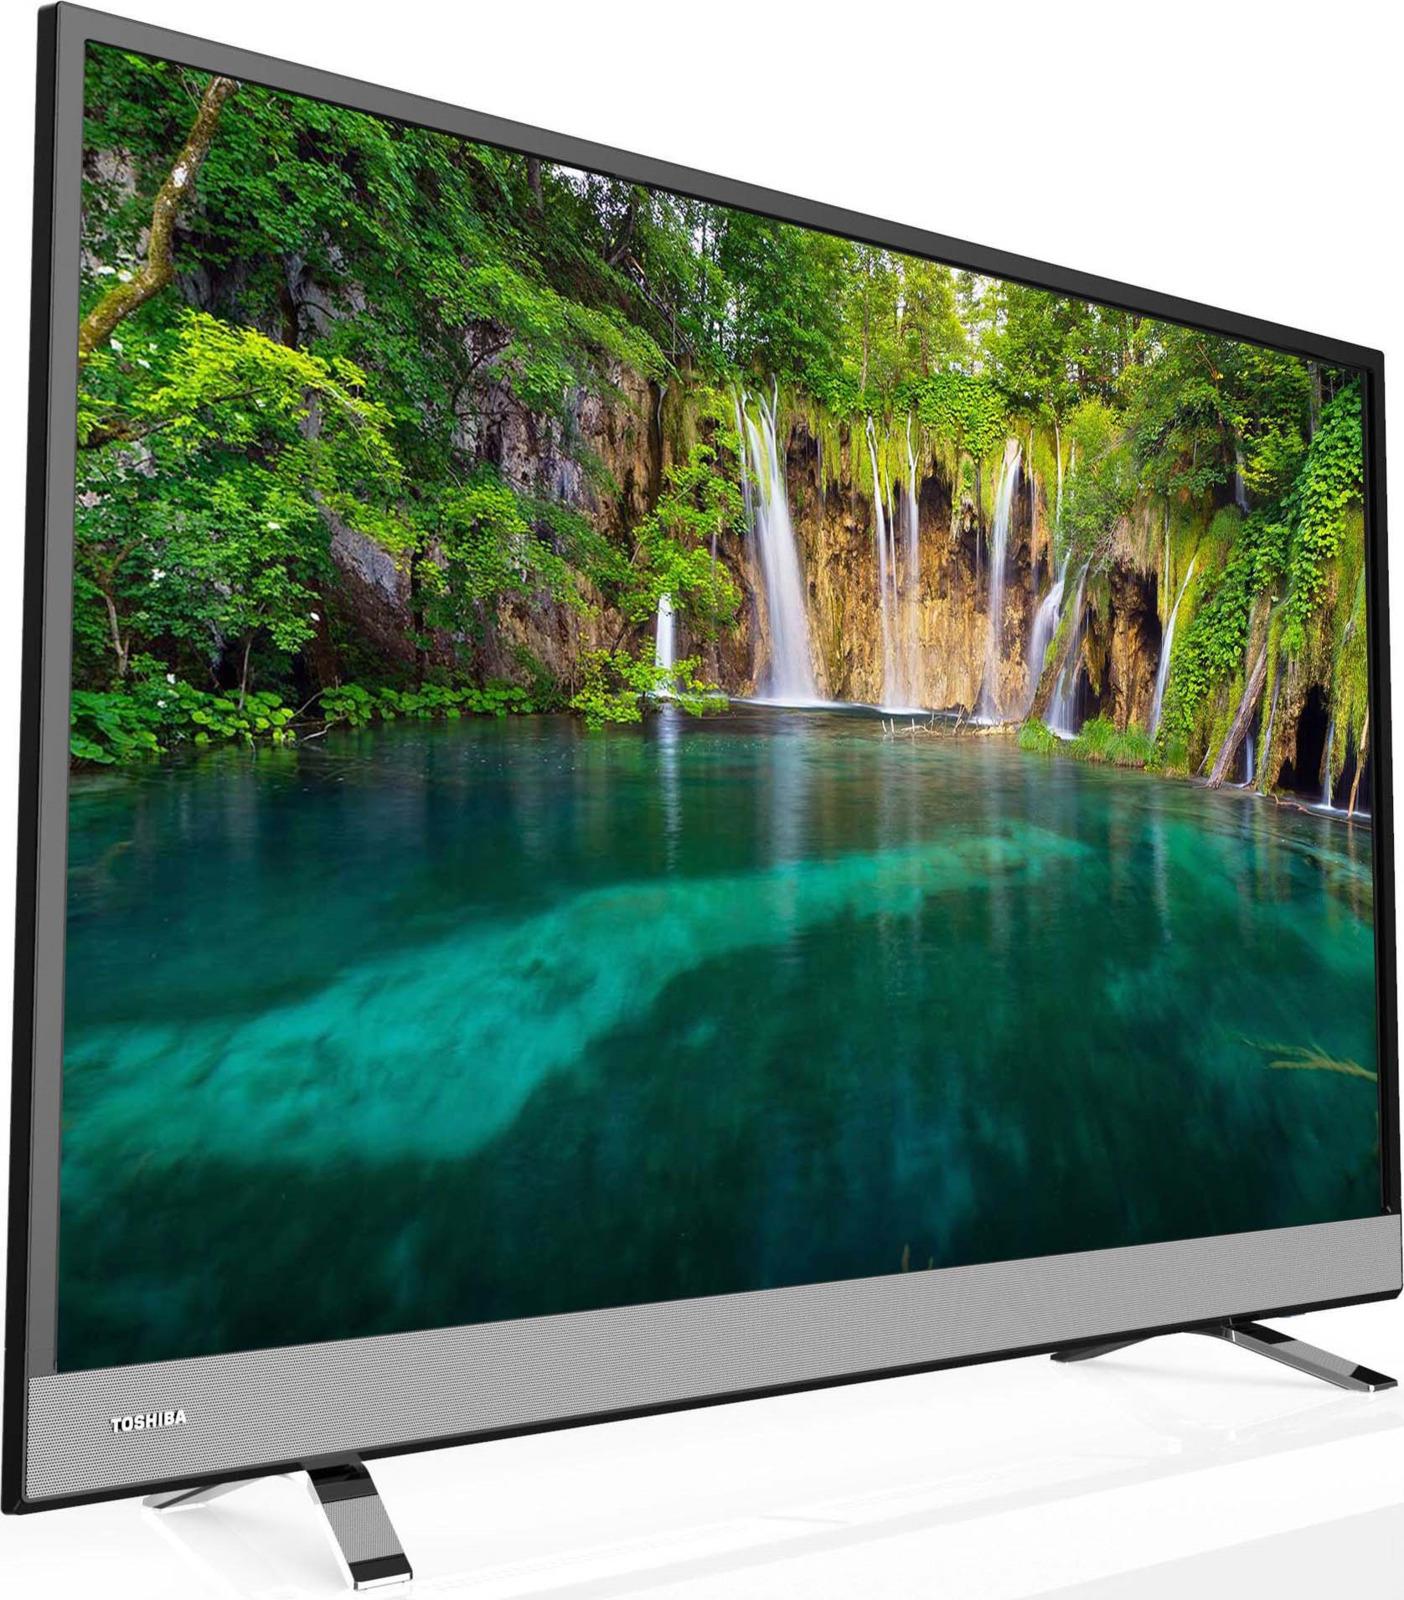 Телевизор Toshiba 32L5780EC 32, черный jj cole сумка для мамы satchel цвет черный темно серый